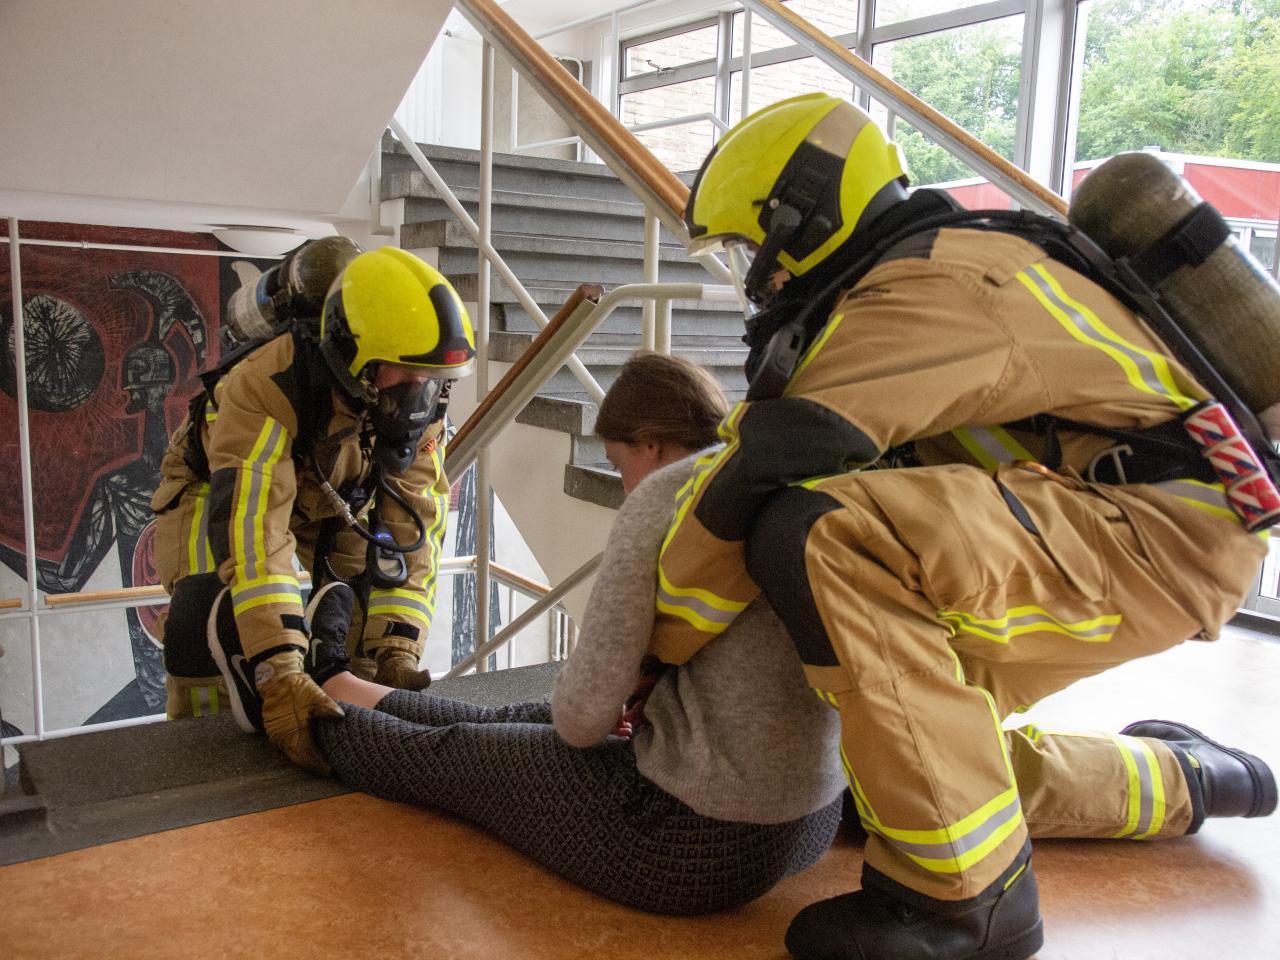 Brandweermensen oefening in trappenhuis